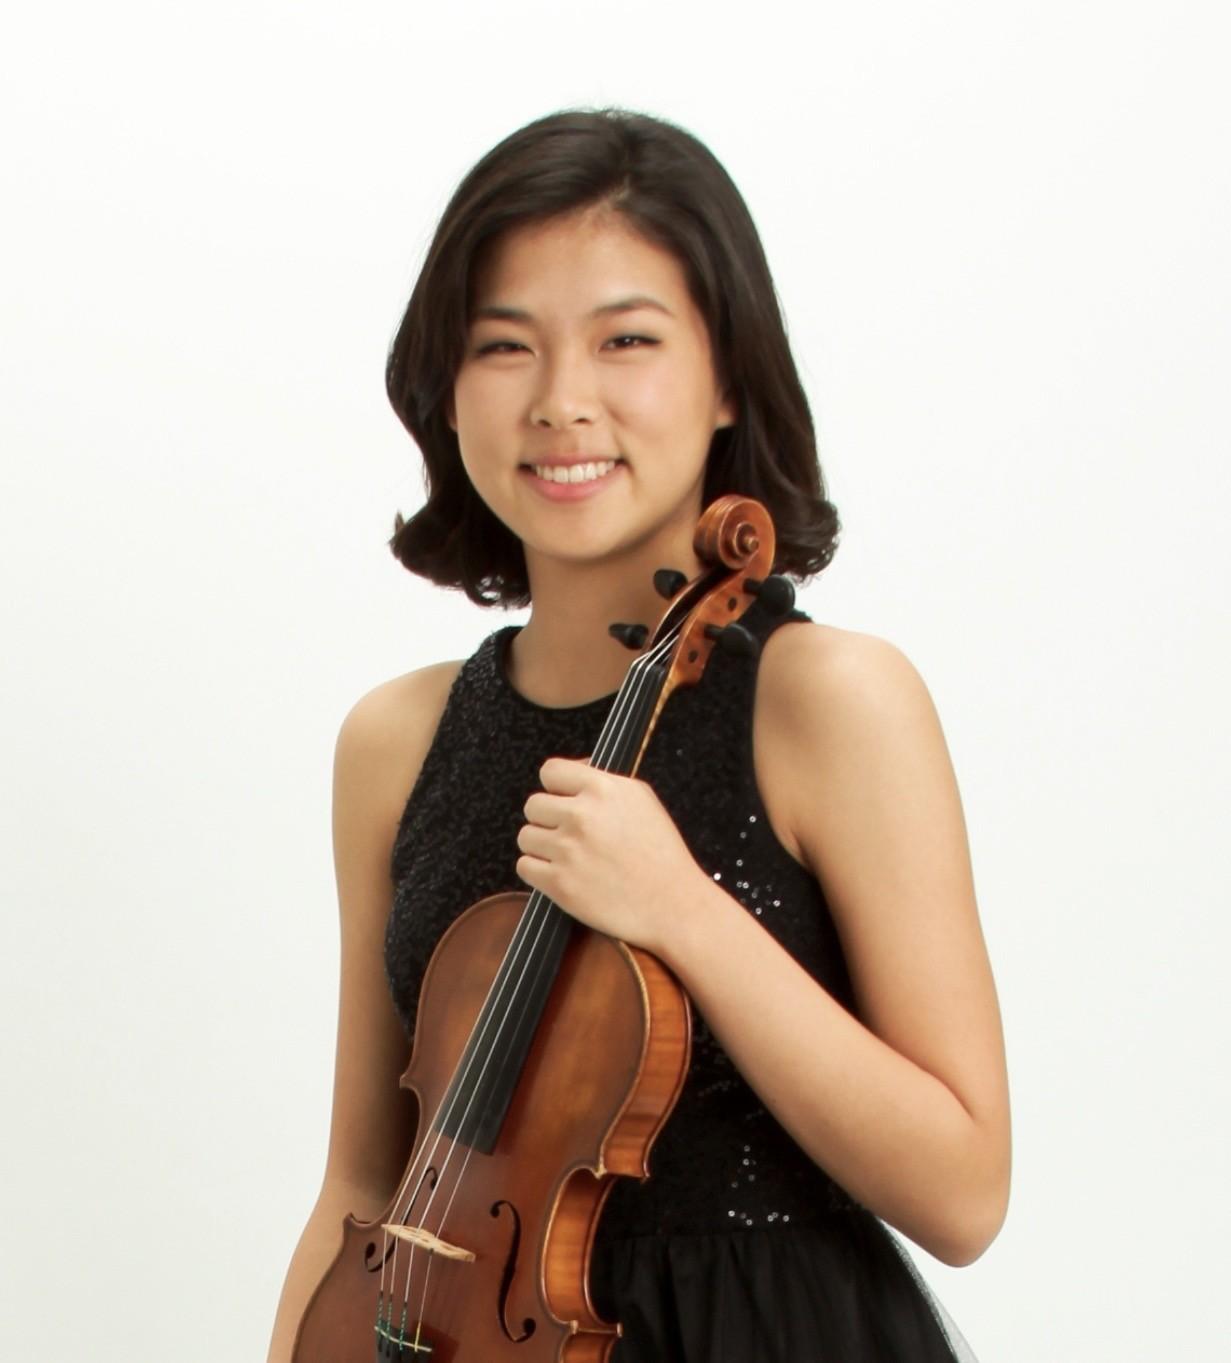 Erica Hwang